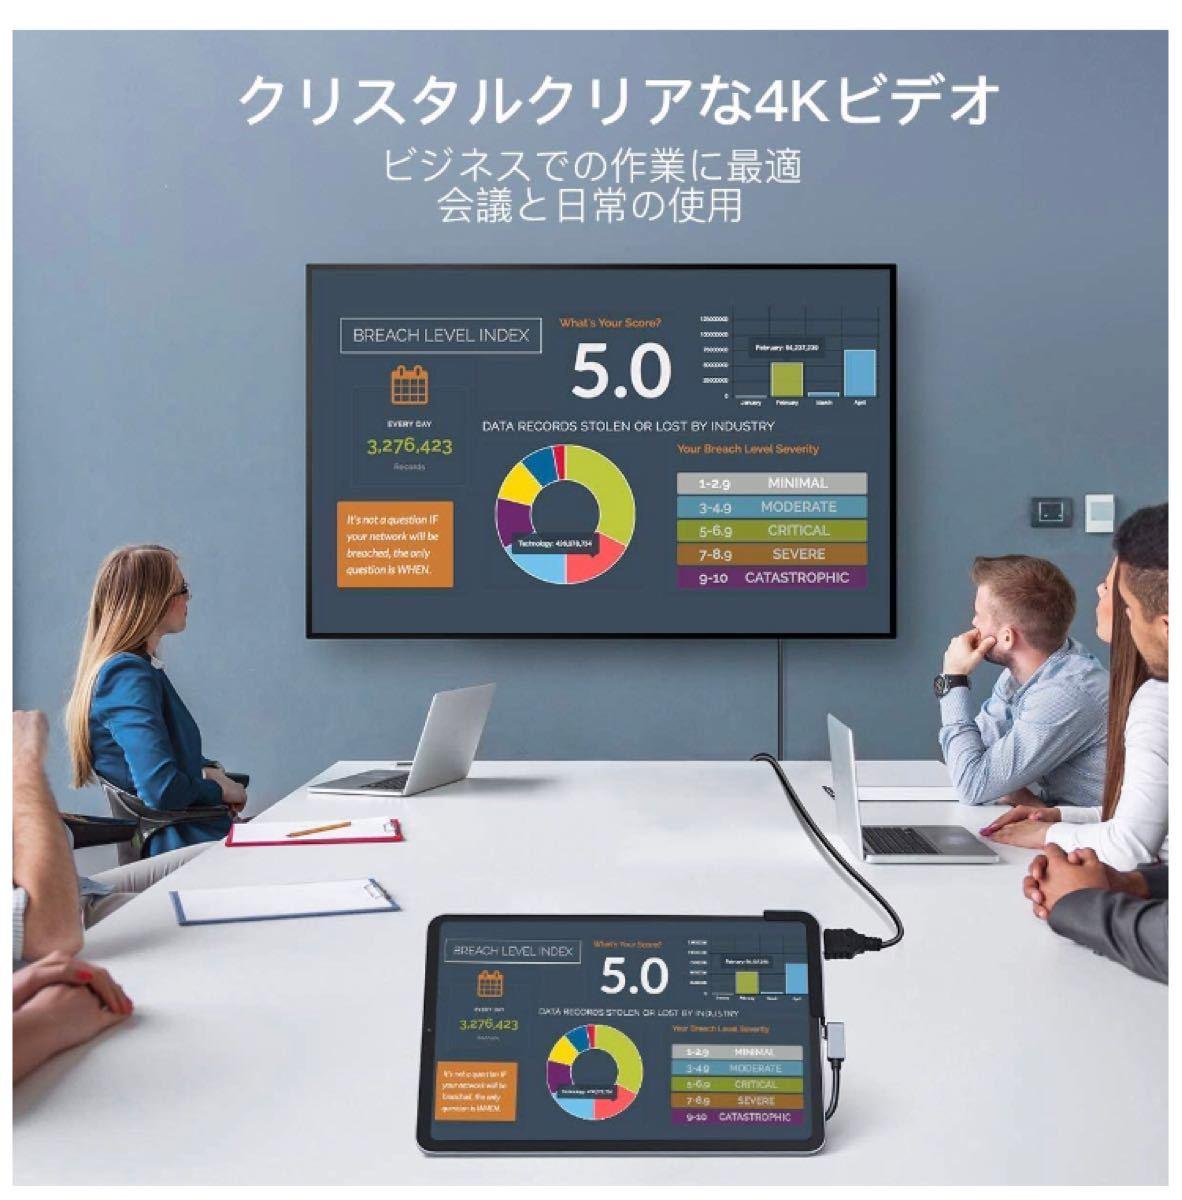 【新品未開封】ドッキングステーション USB-C ハブ iPad MacBook